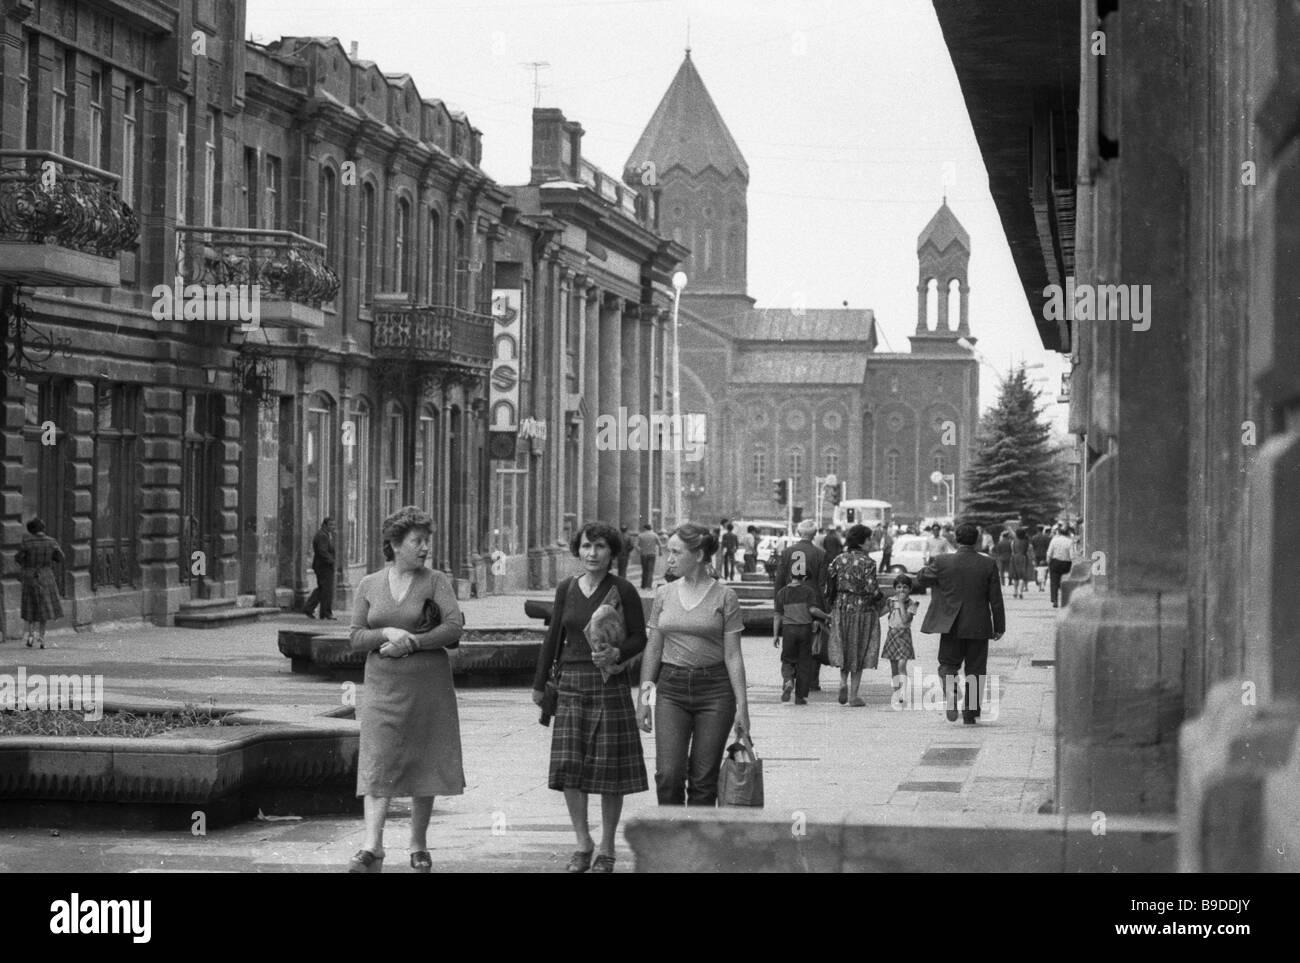 Una delle strade in stato Kumayri storici e architettonici di preservare la città di Leninakan Immagini Stock